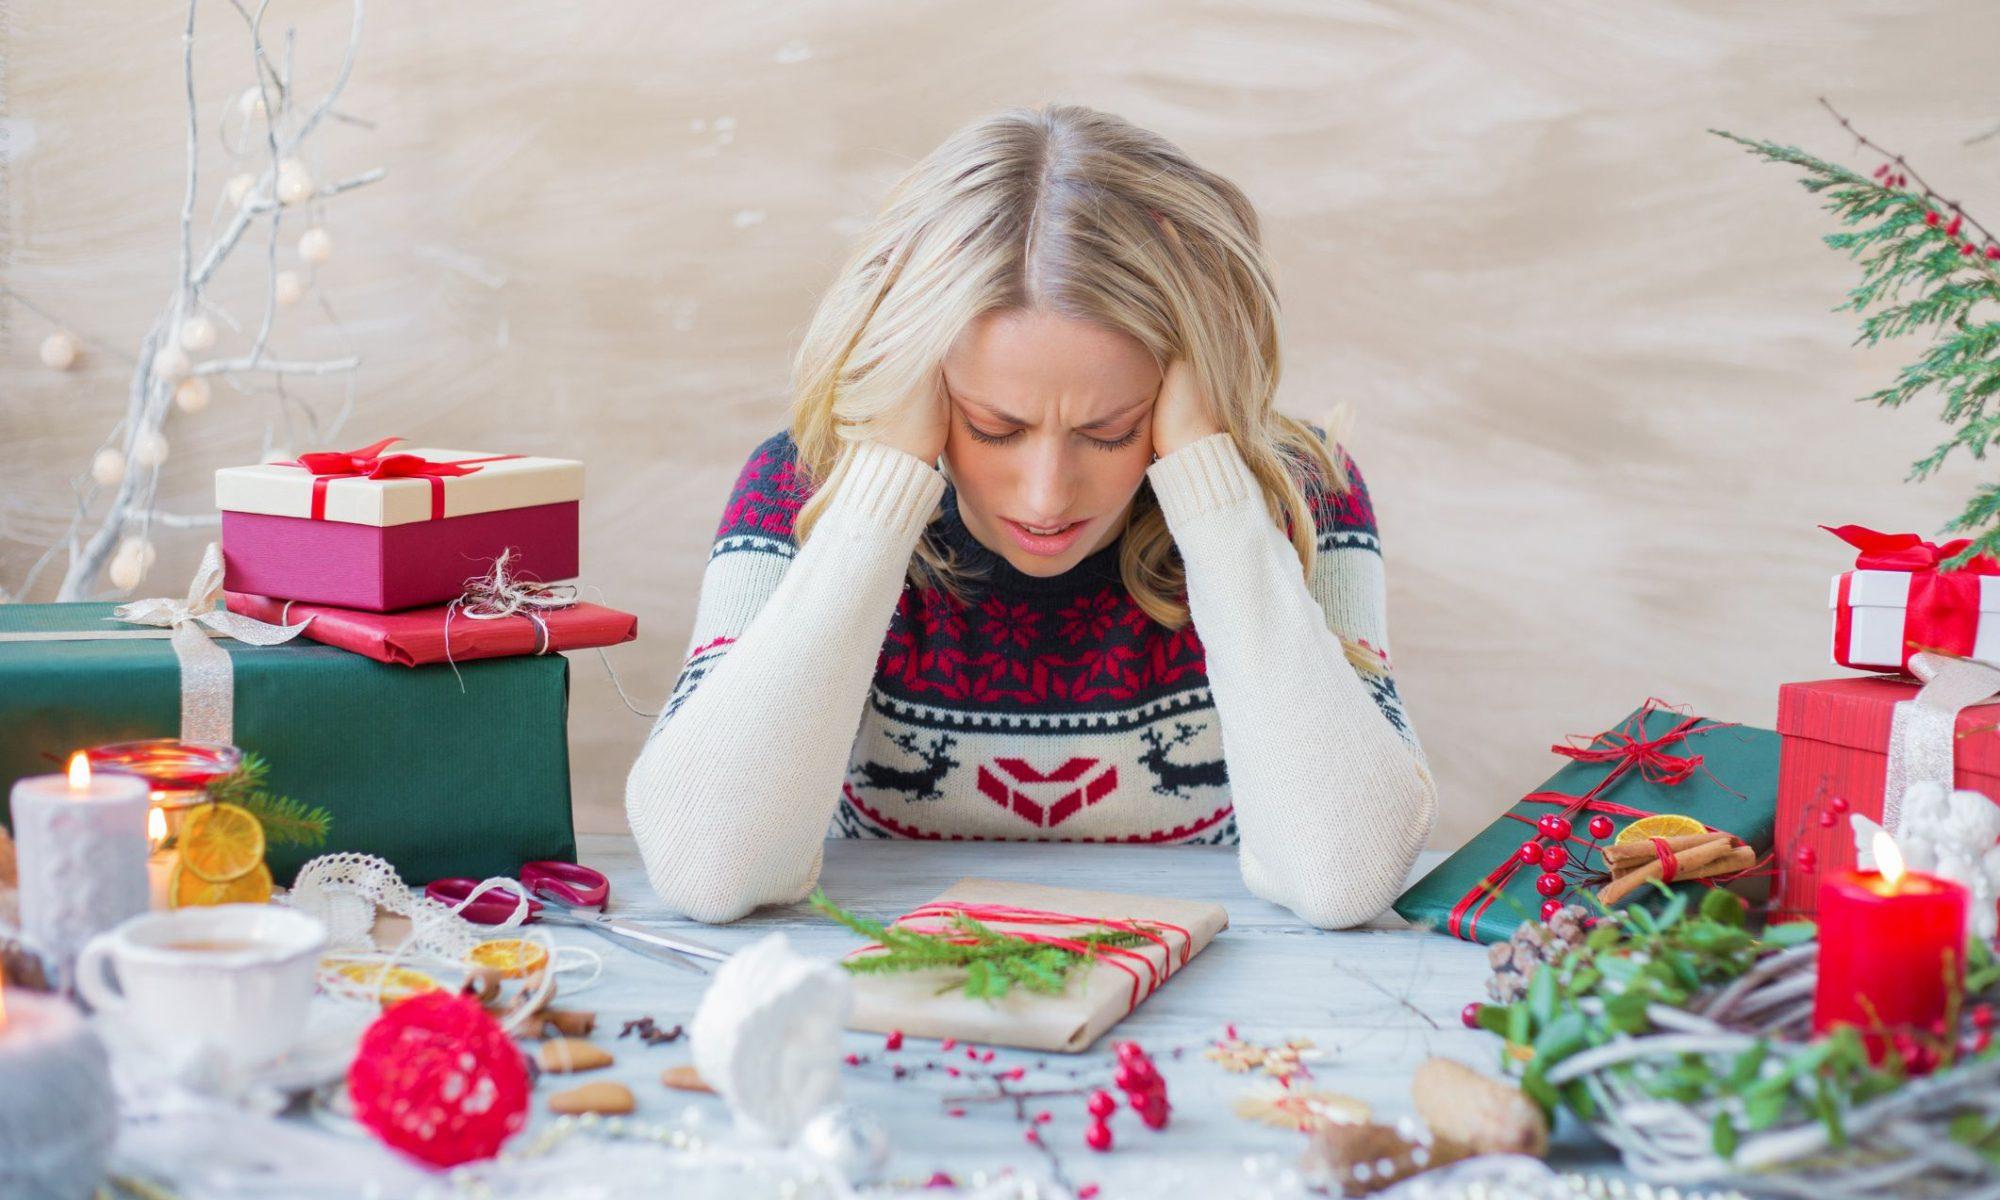 Stress at Christmas